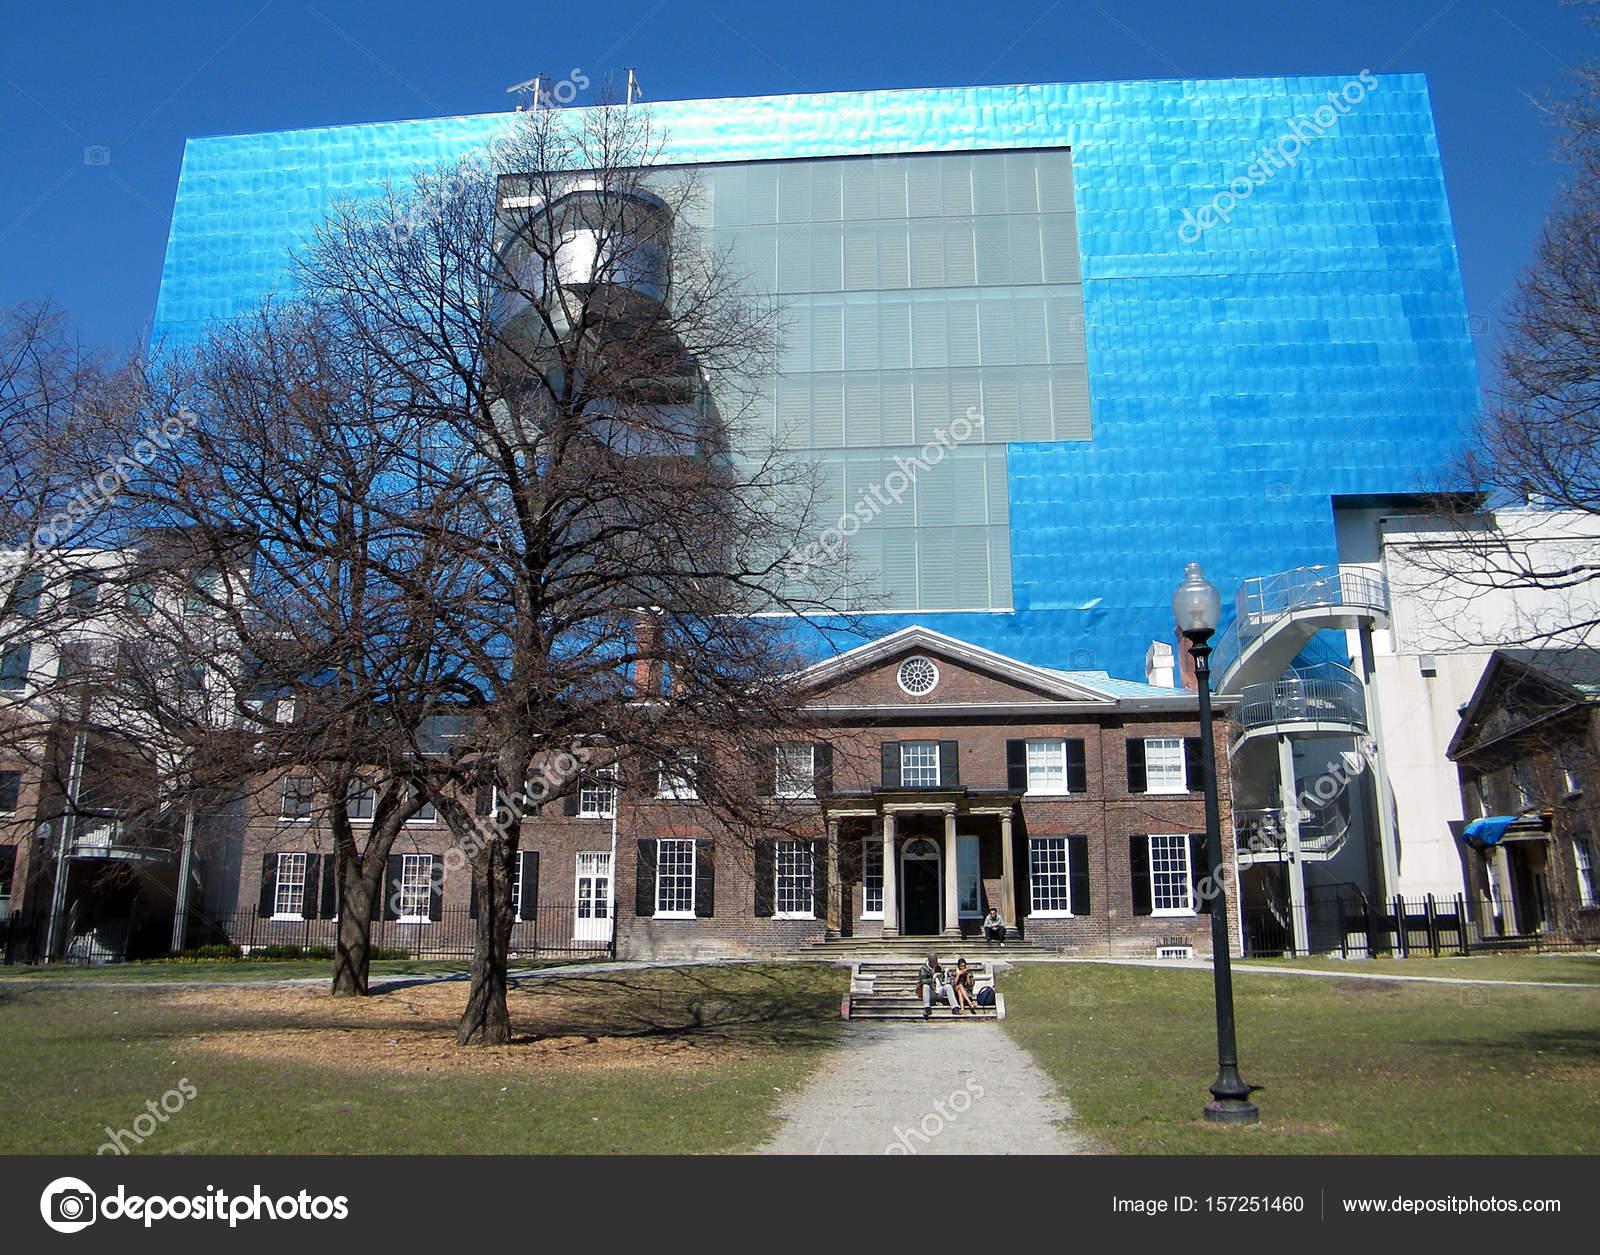 Galería De Arte De Ontario En Toronto: Galería De Arte De Toronto De Ontario De Marzo De 2010